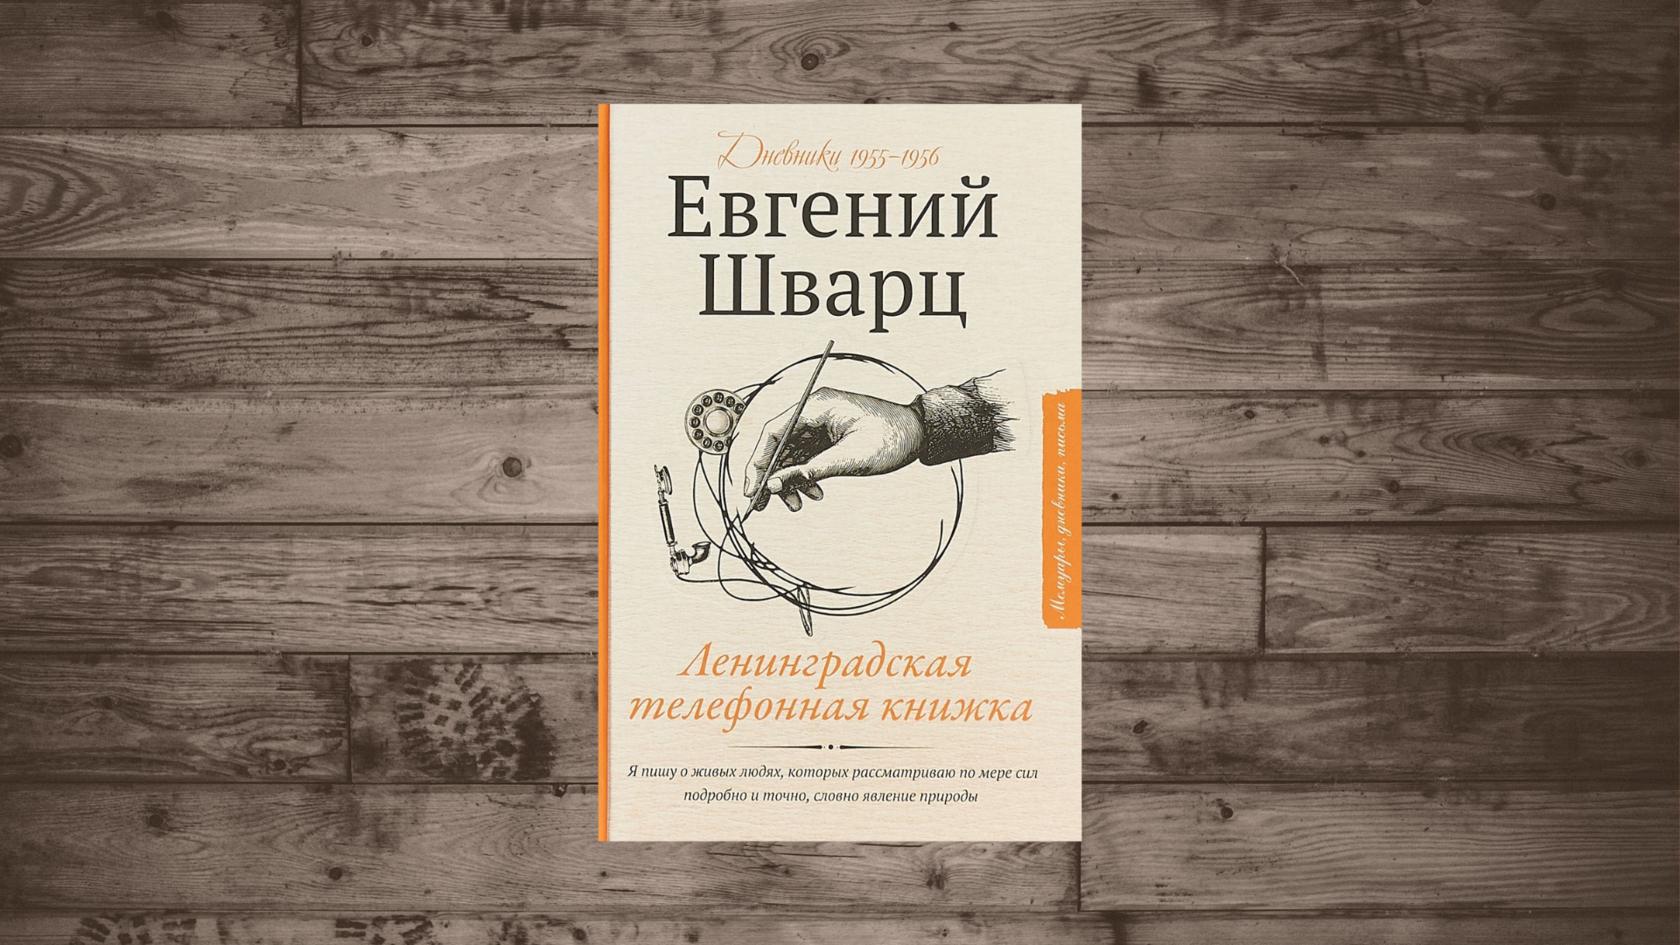 Купить книгу Евгений Шварц «Ленинградская телефонная книжка»